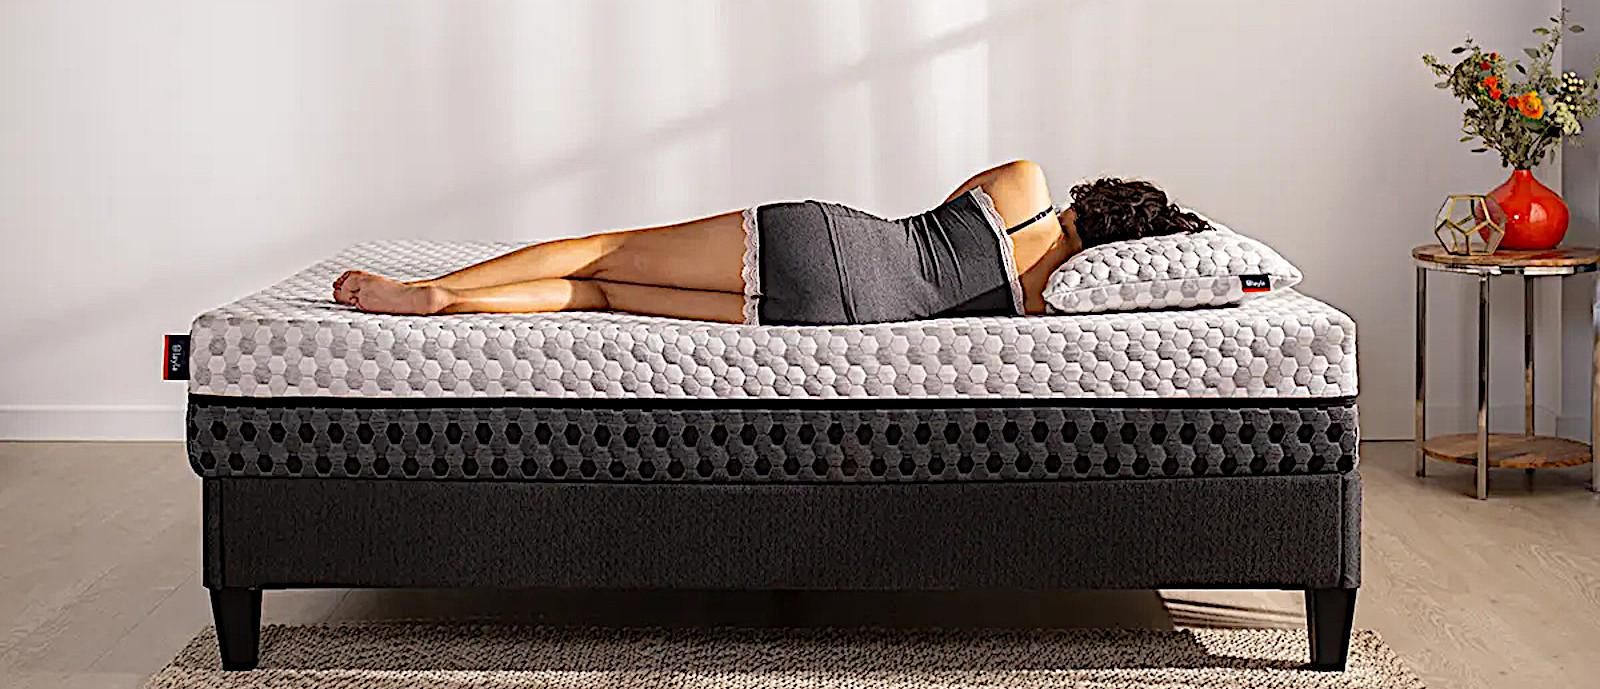 Great platform bed